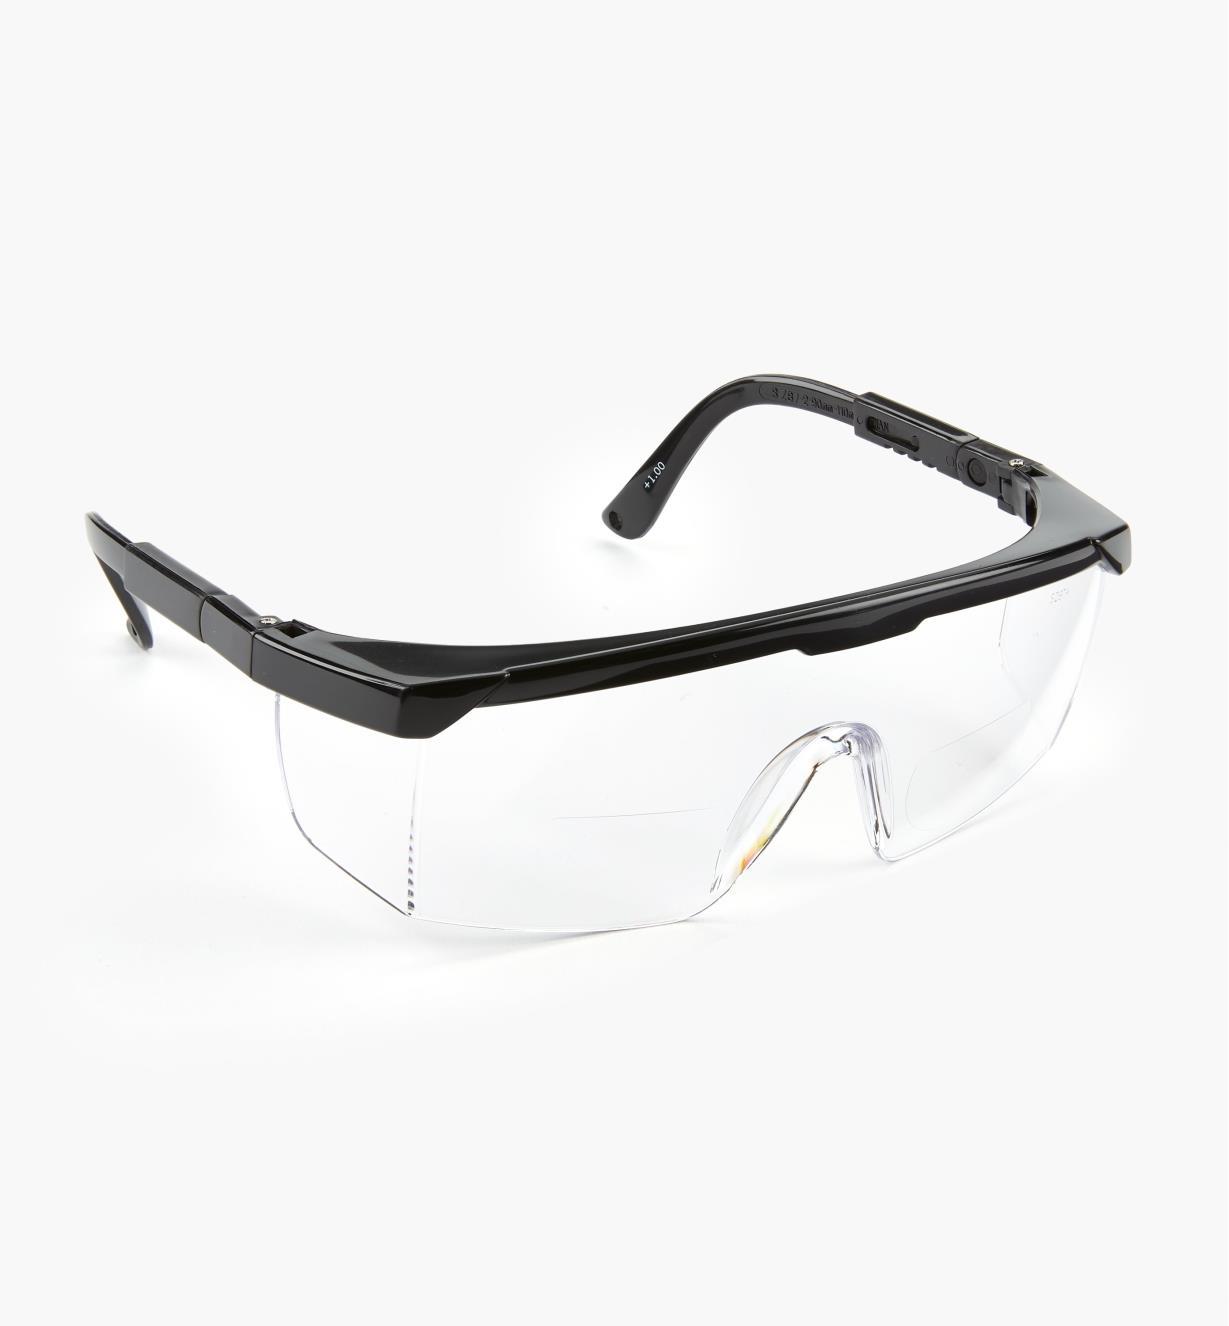 22R7310 - +1.0 Magnifying Bifocals